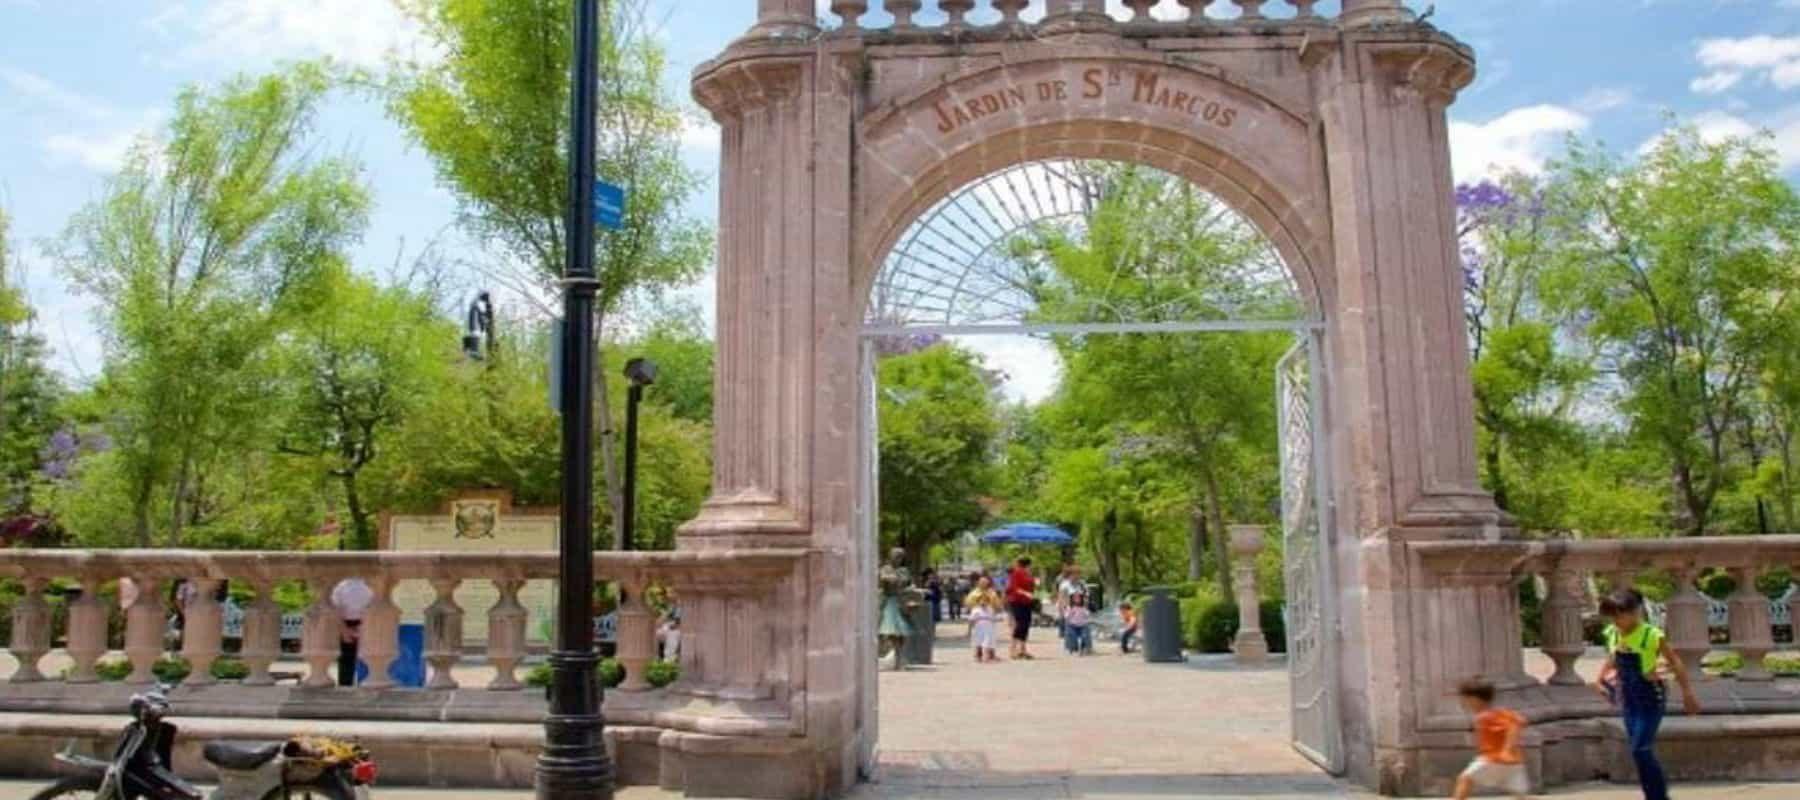 jardín de San Marcos en Aguascalientes